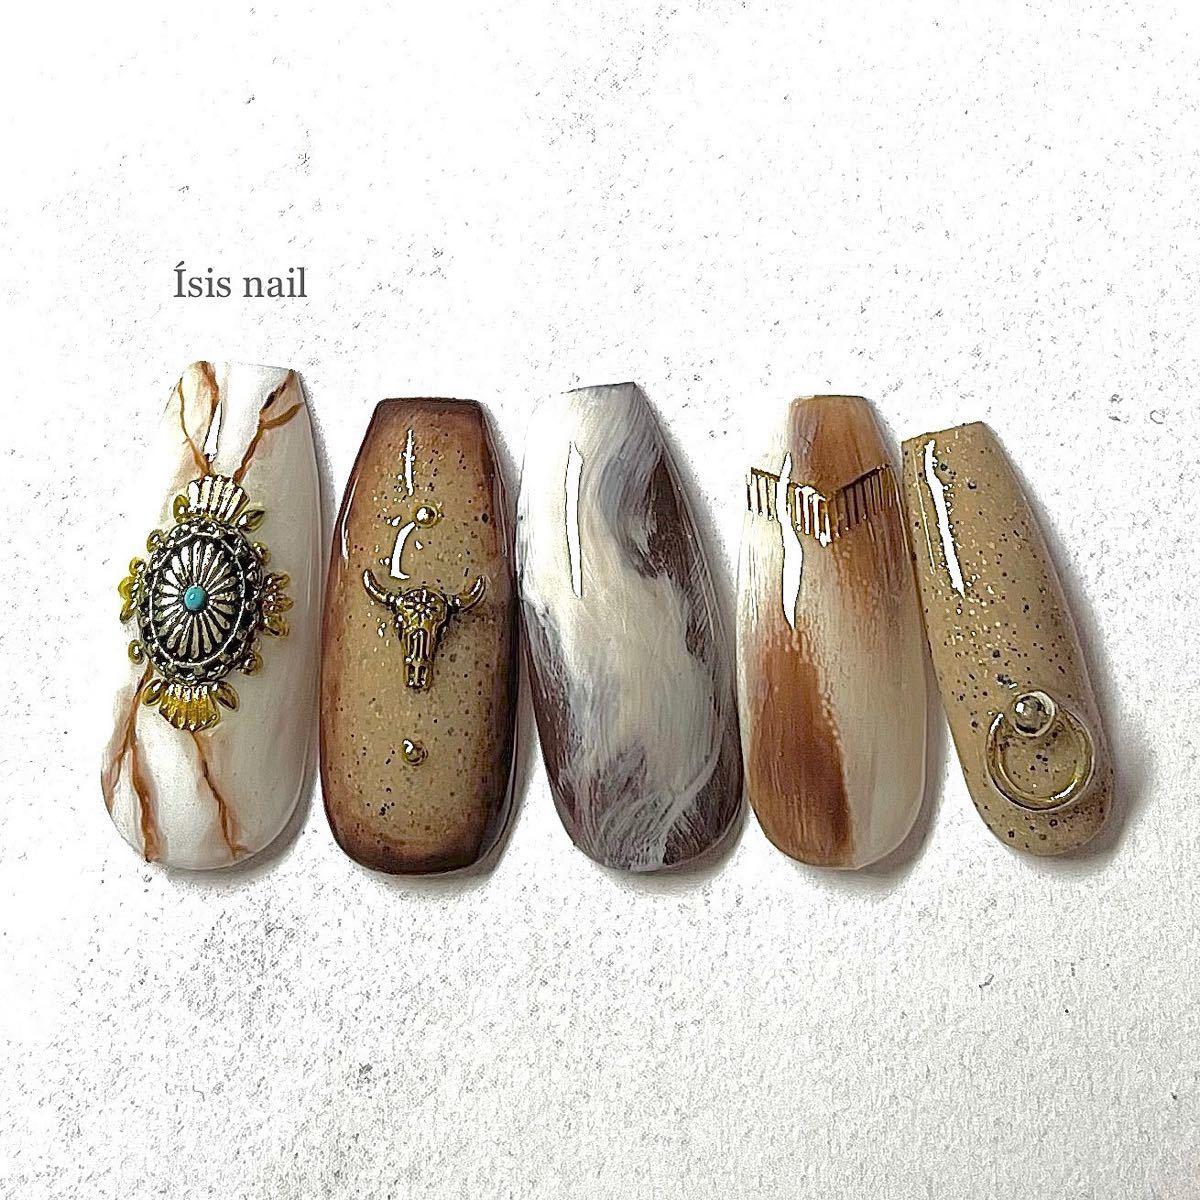 ネイルチップ バイソンネイル ウエスタンネイル ターコイズ 前撮り 成人式 付け爪 ネイルアート ニュアンスネイル